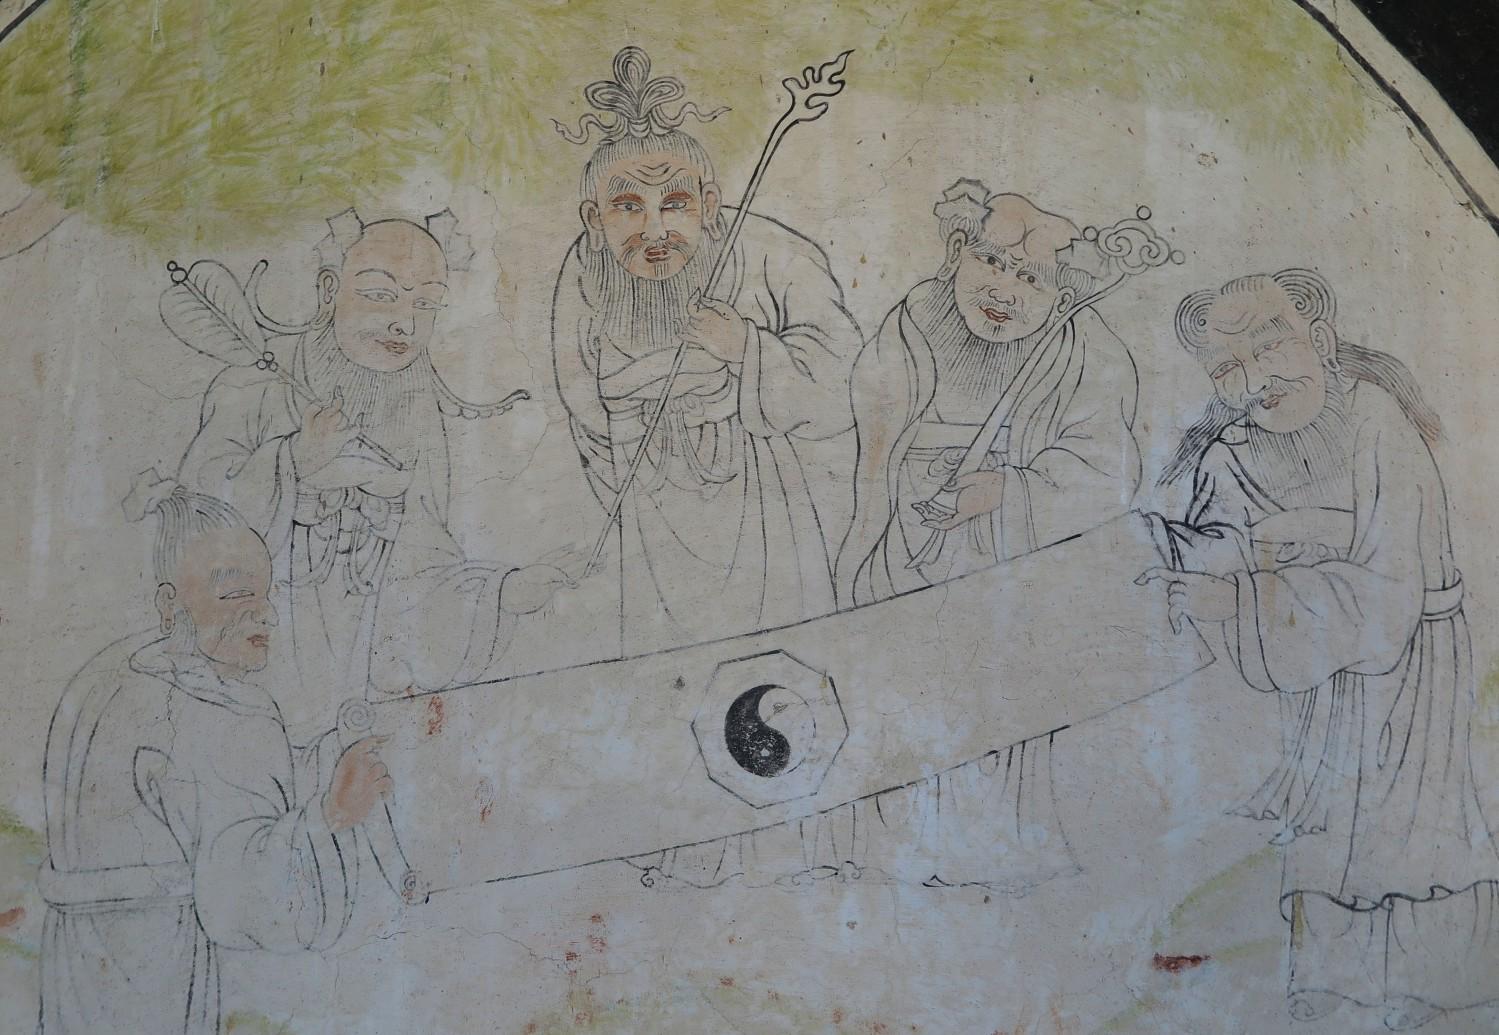 Mongolia-Karakorum-Buddhist-Monastery-Mural